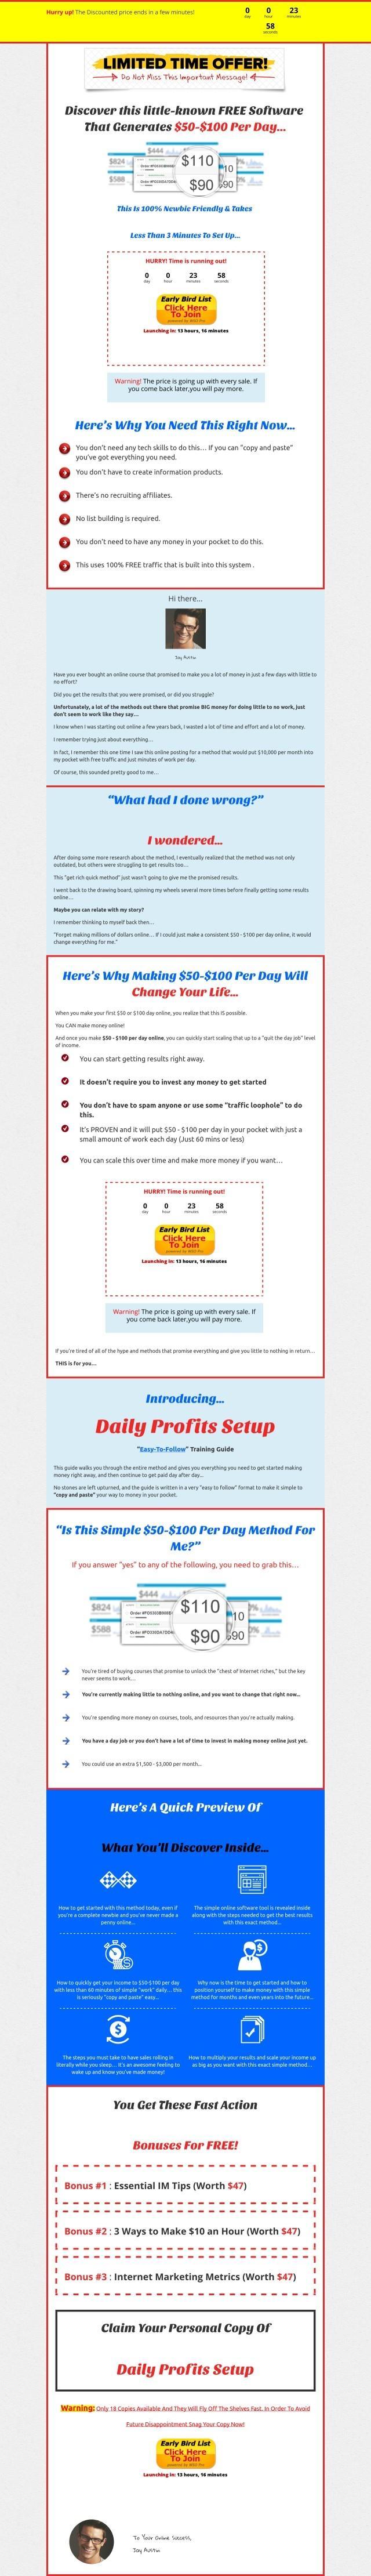 每天产生$50- $100的利润 - 本教程将引导您完成整个过程!(Daily Profits Setup)